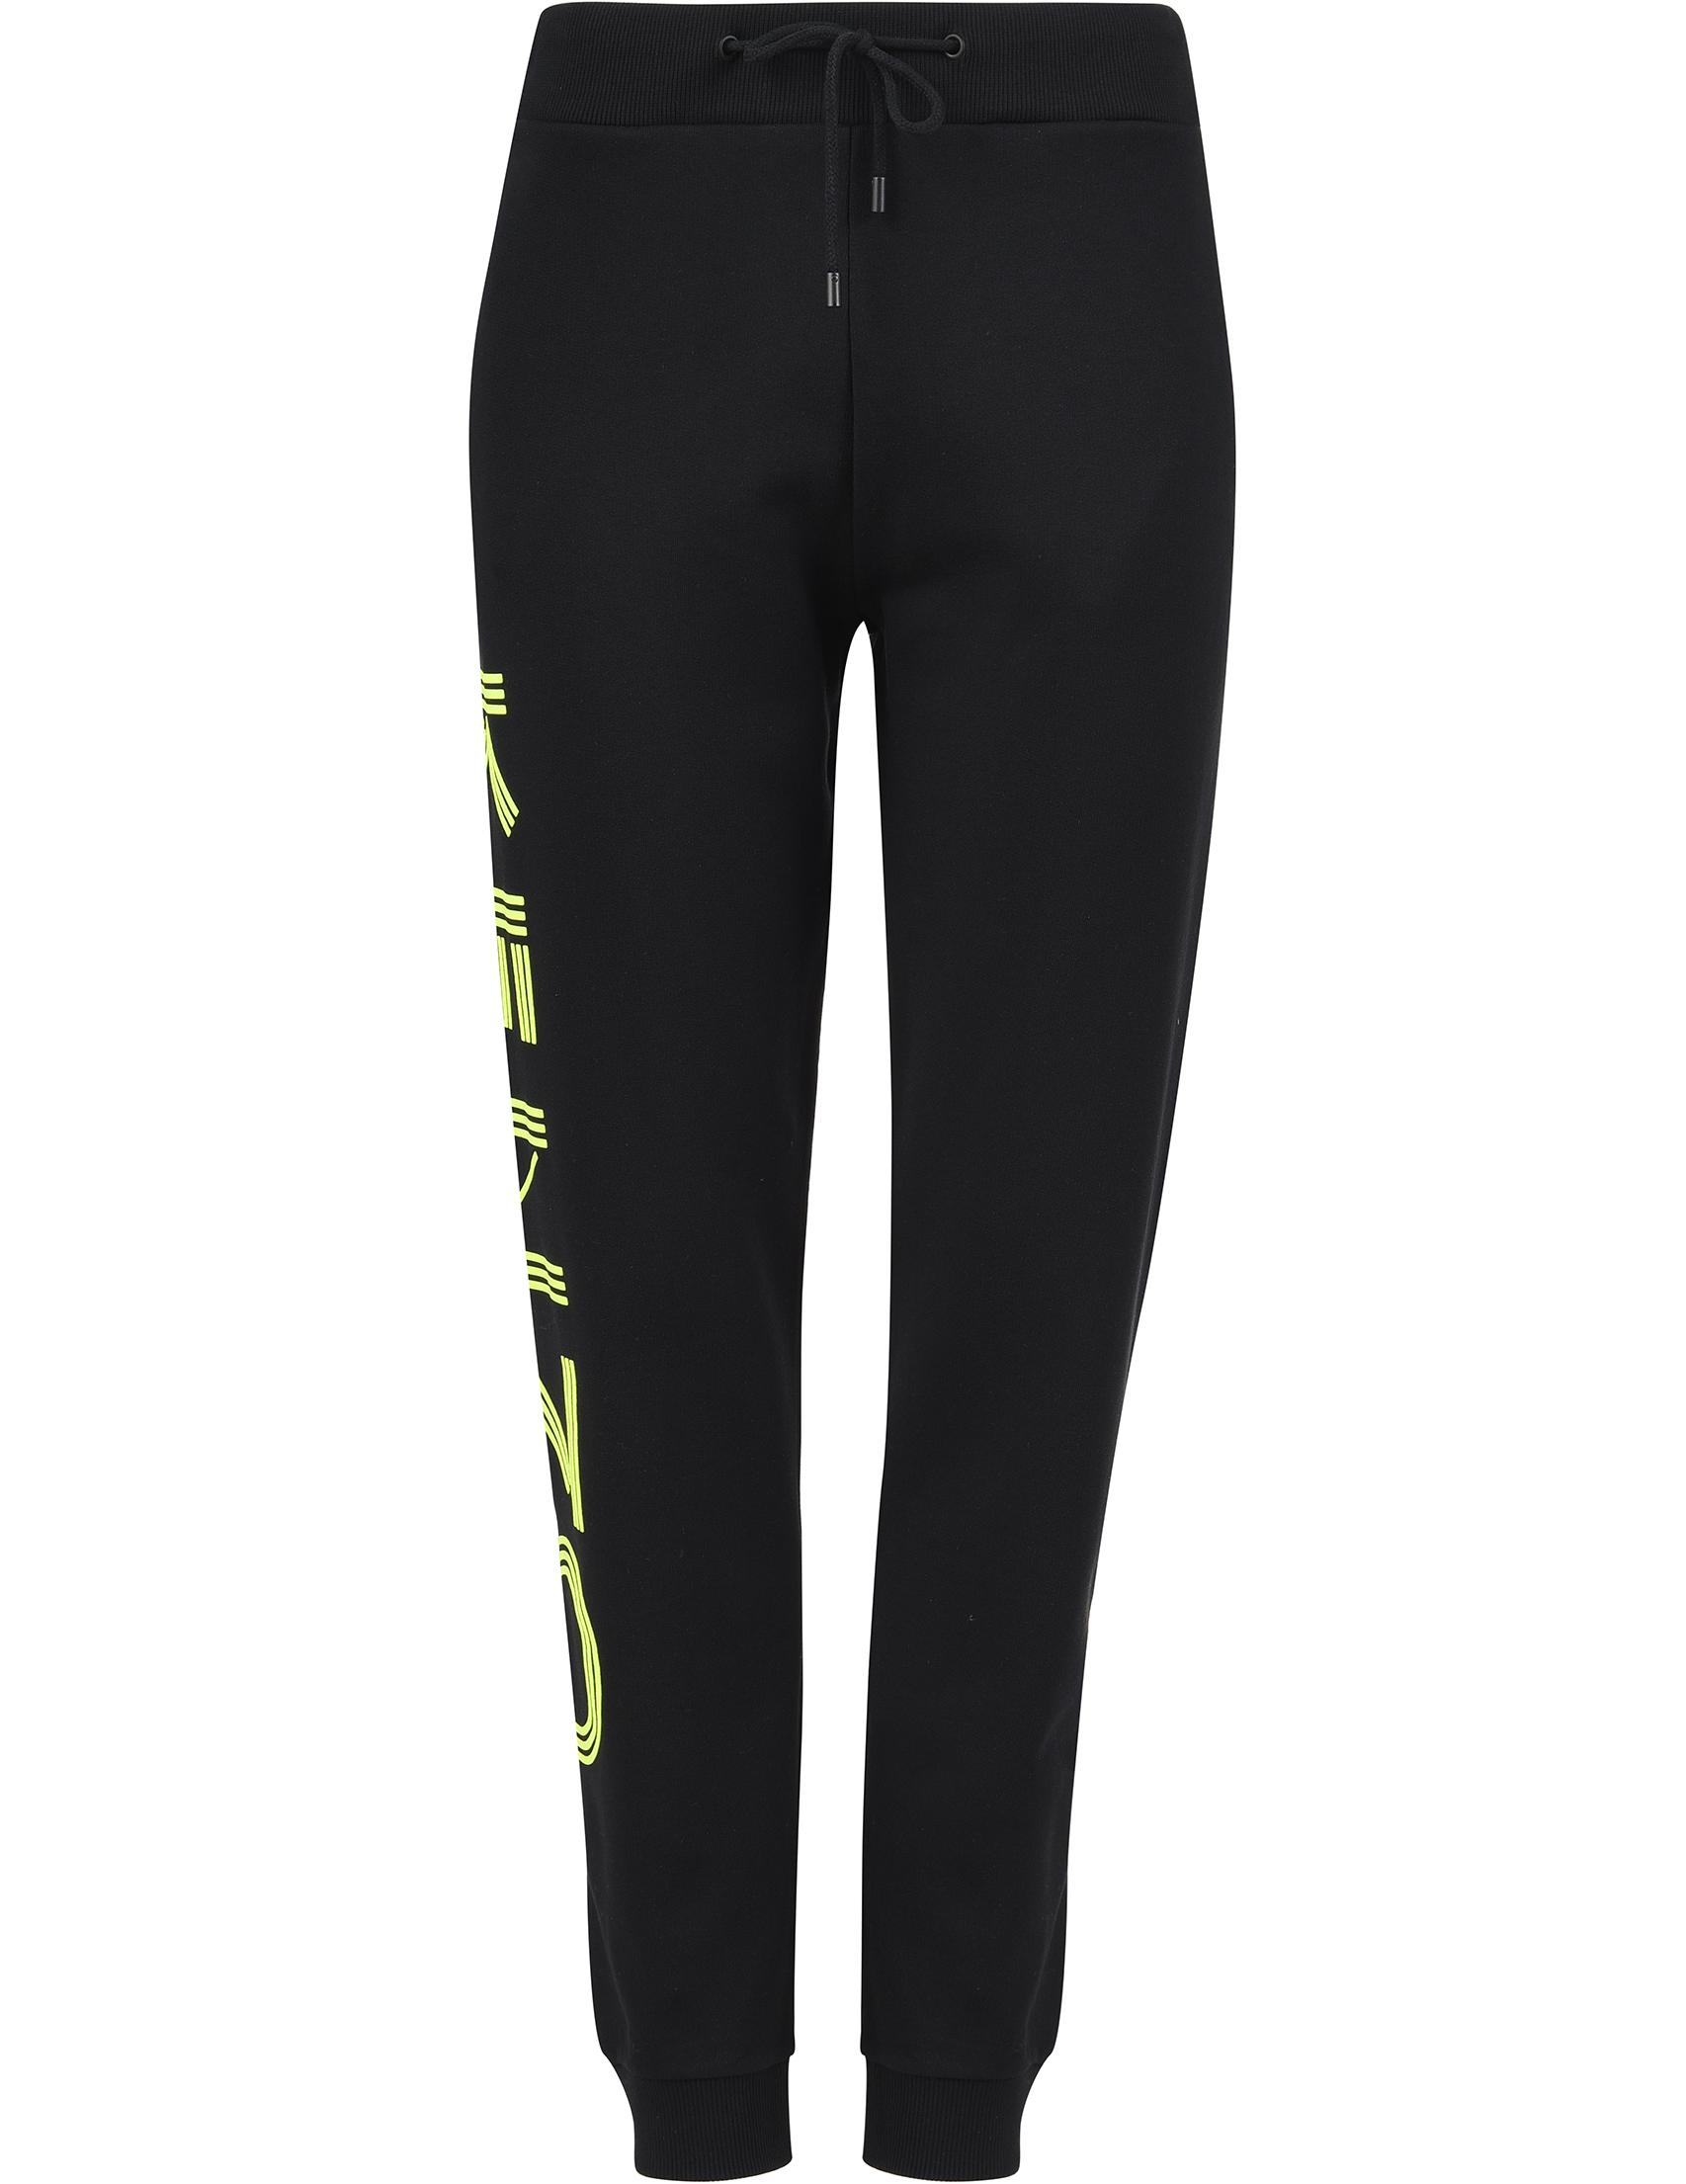 Купить Спортивные брюки, KENZO, Черный, 100%Хлопок, Весна-Лето